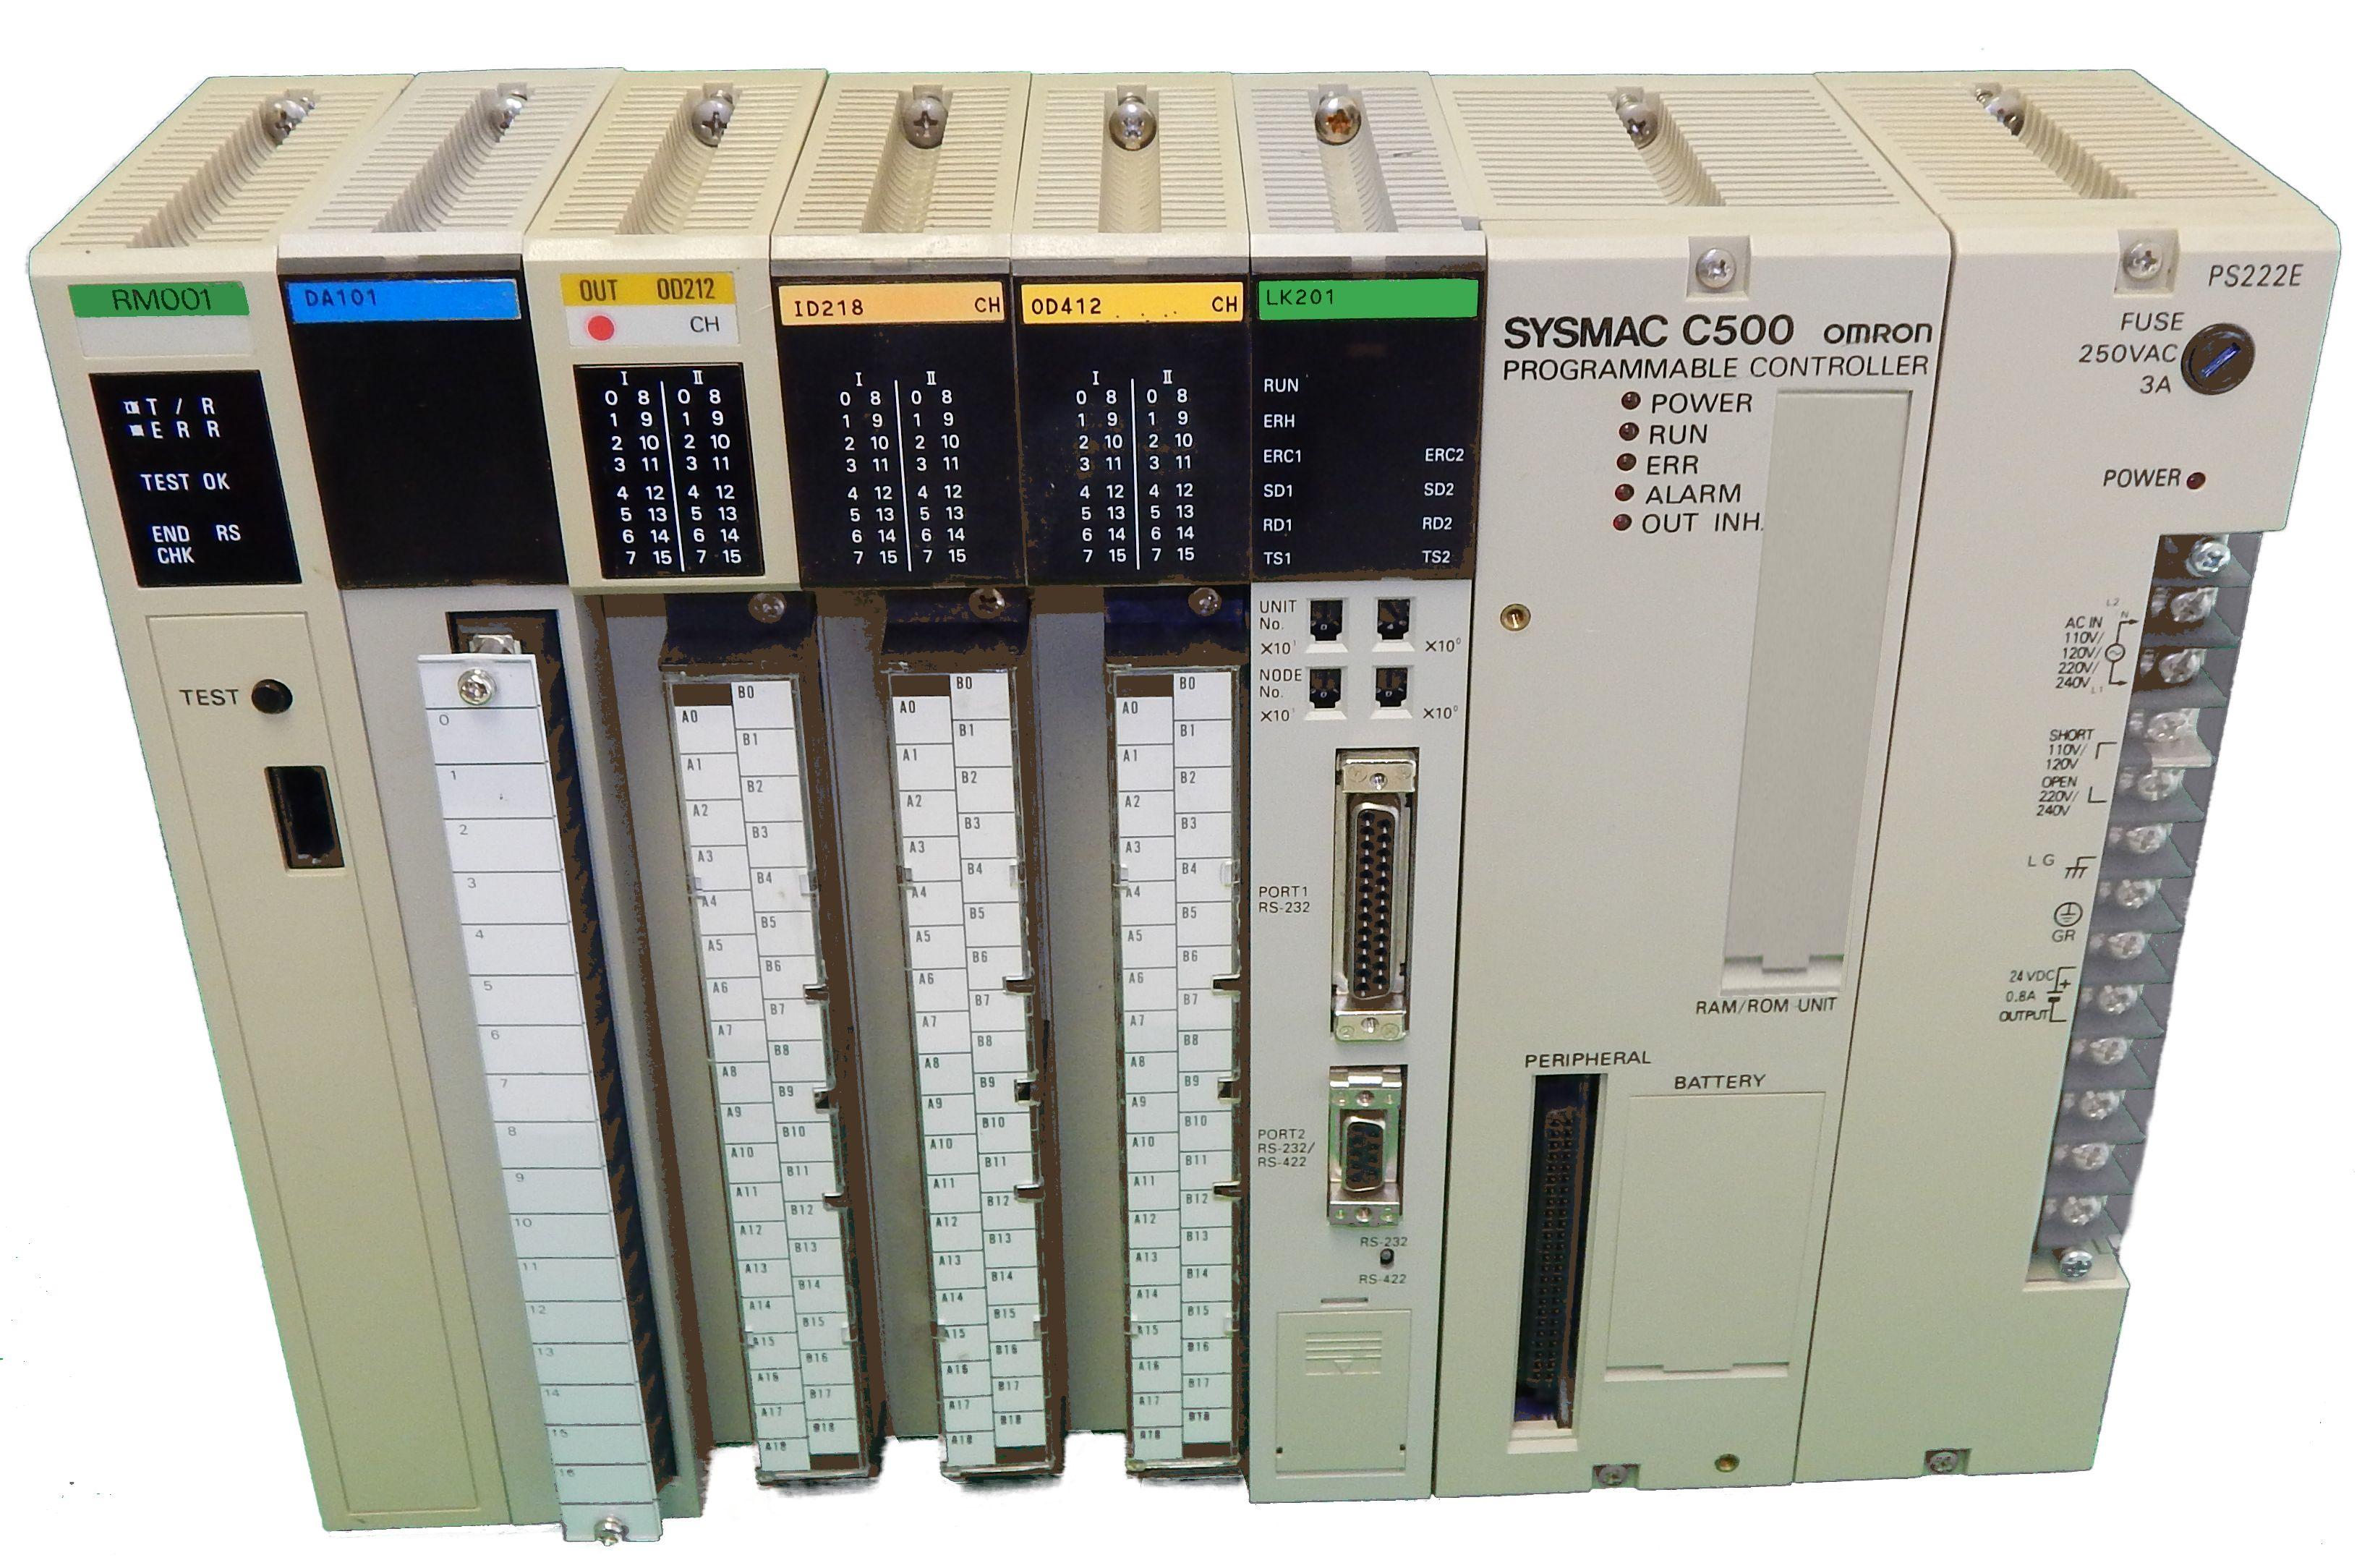 3G2A5-RM001-EV1